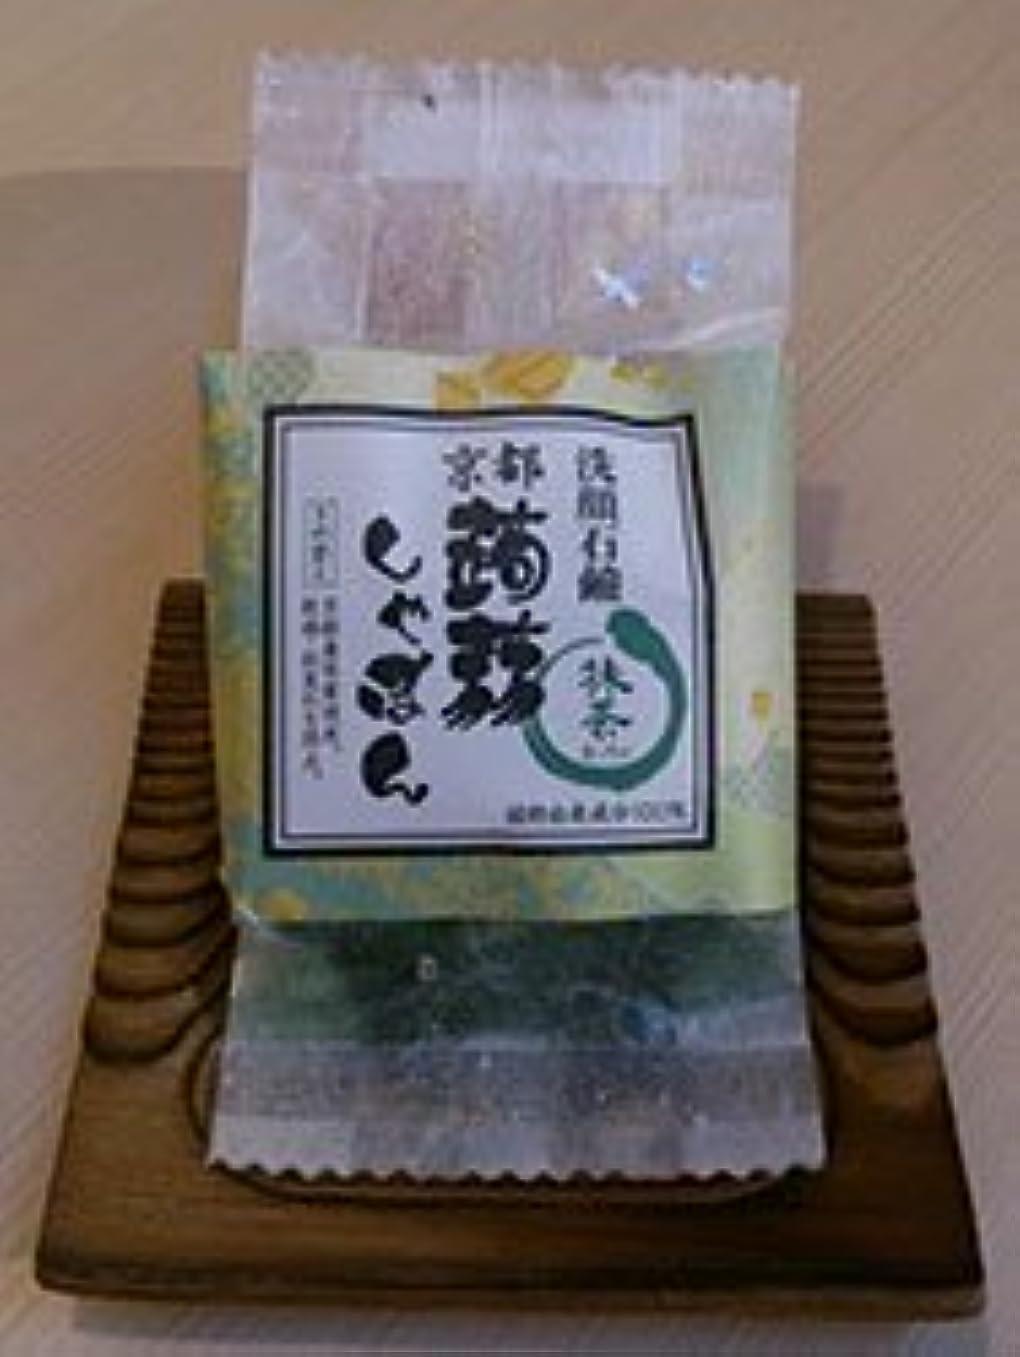 アーサーラリーベルモントそして京都蒟蒻しゃぼん「抹茶 まっちゃ」